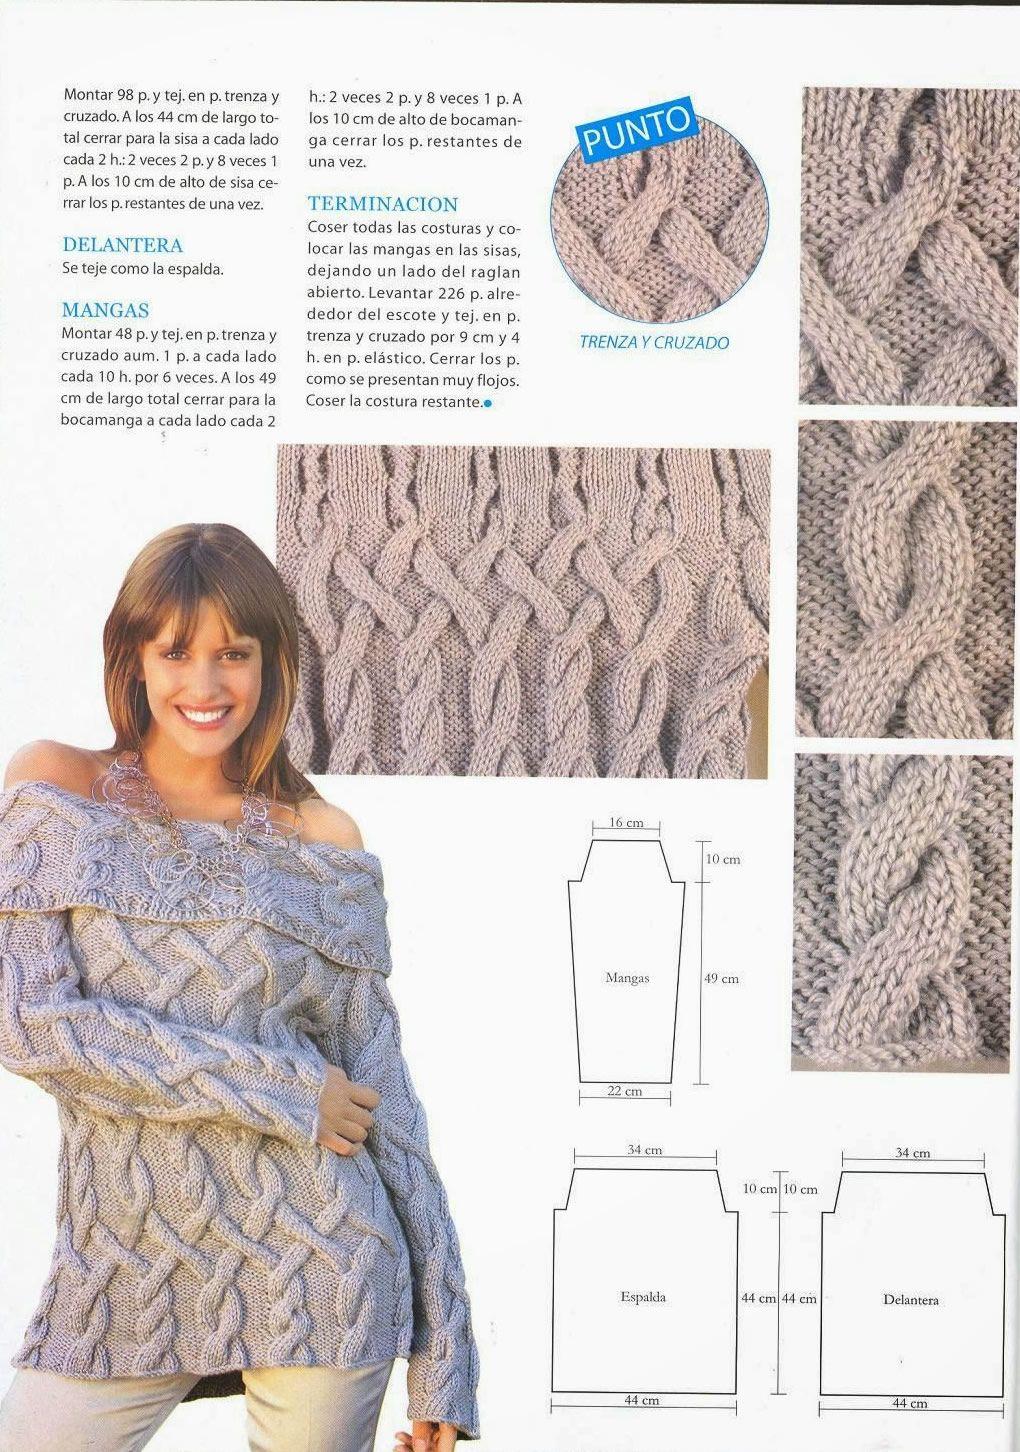 Suéter con escote volcado   Pinterest   Escote, Suéteres de punto y ...